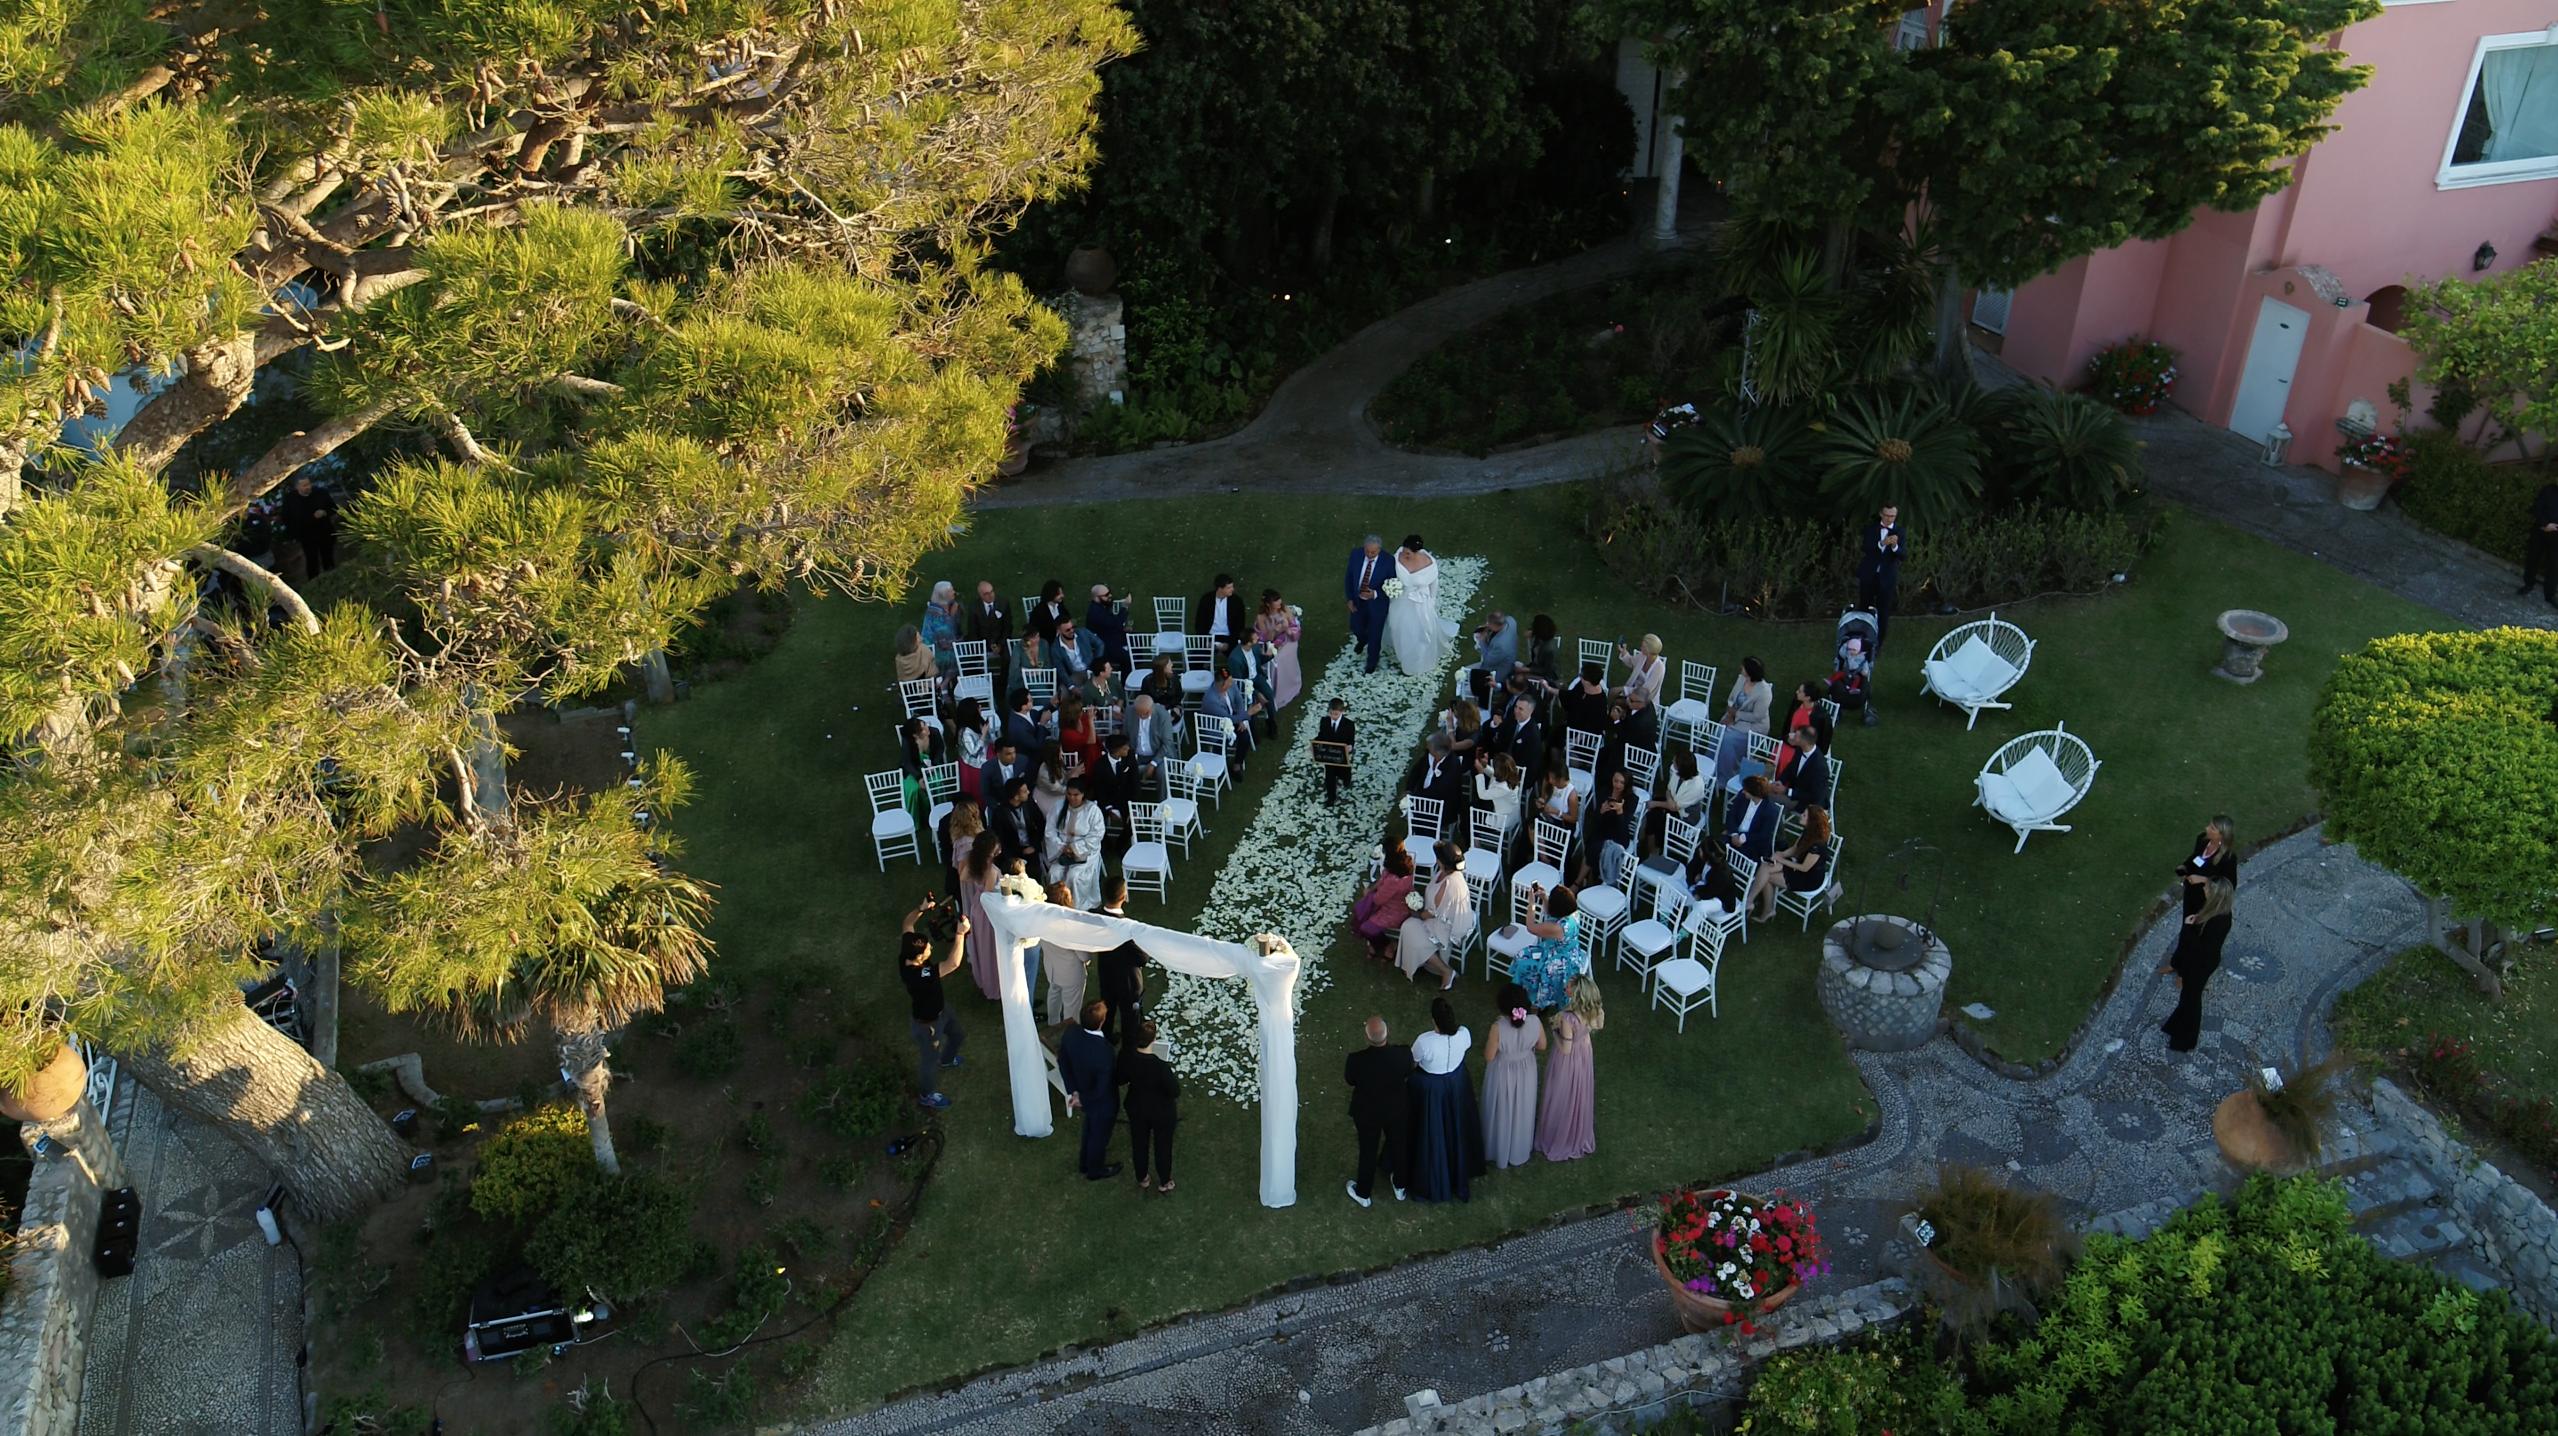 Capri. Matrimonio da Favola a Villa Bismark curato da CapriMyday (FOTO)